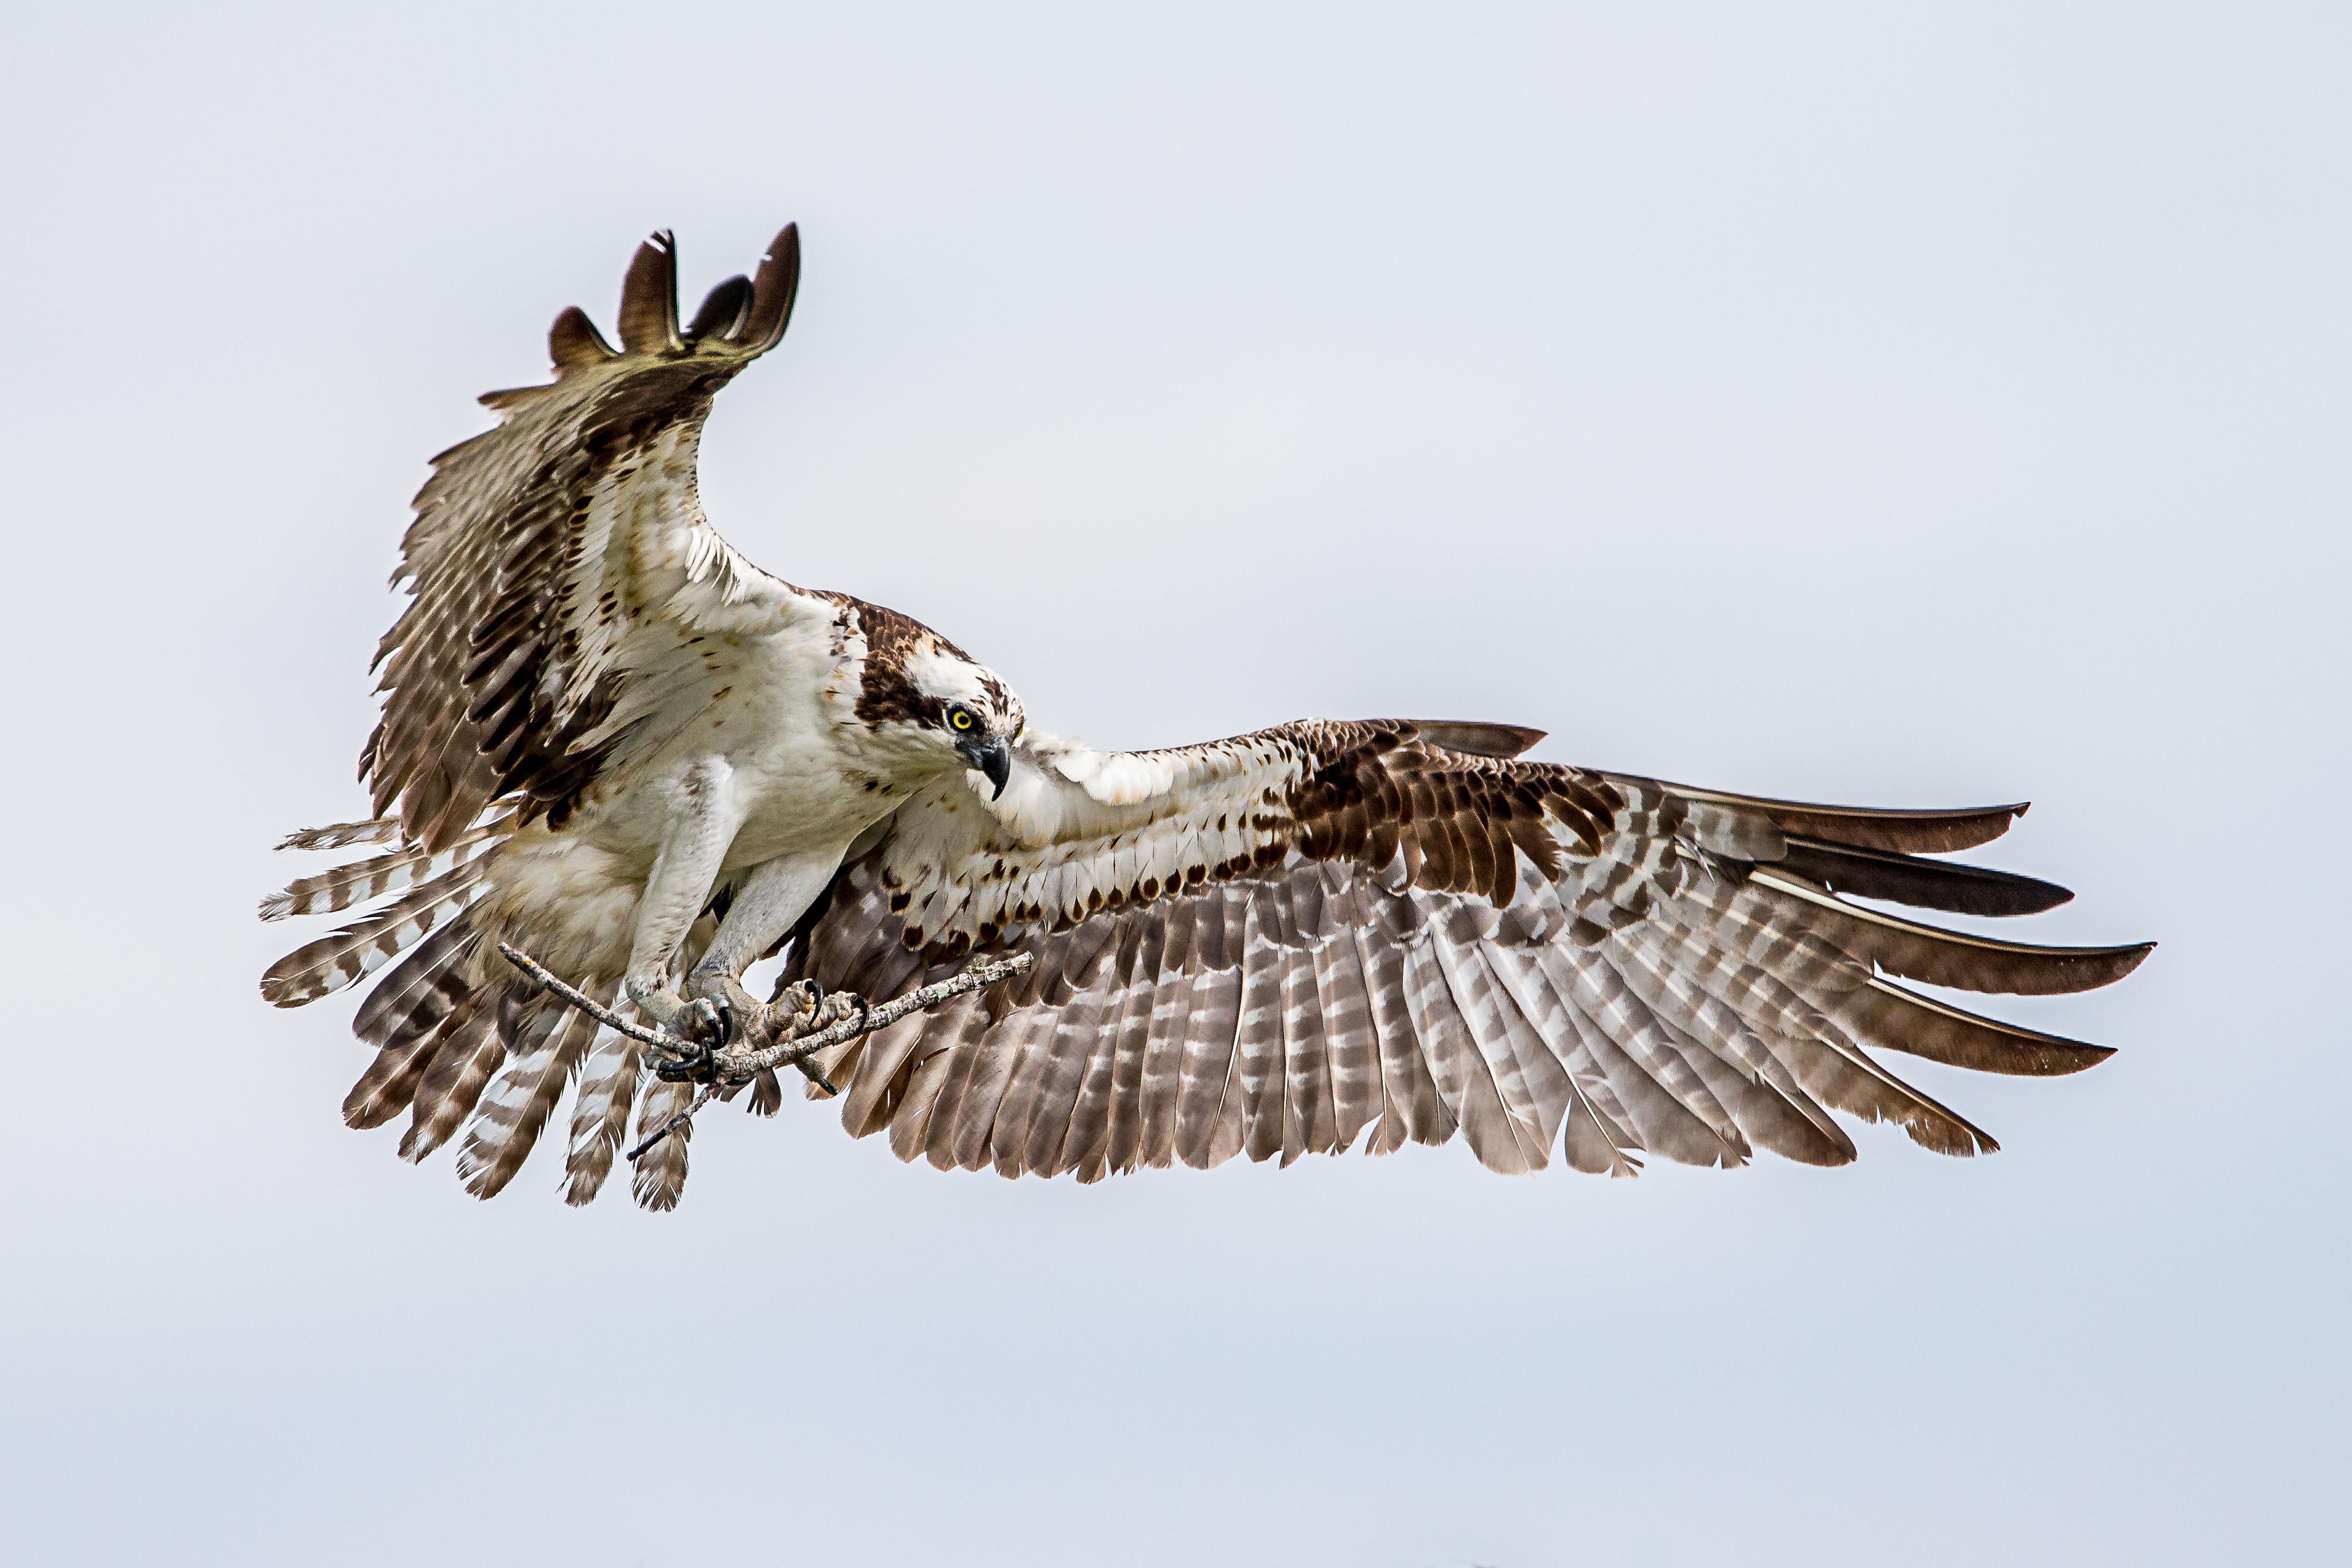 banco de imagens pássaro asa fêmea animais selvagens Águia